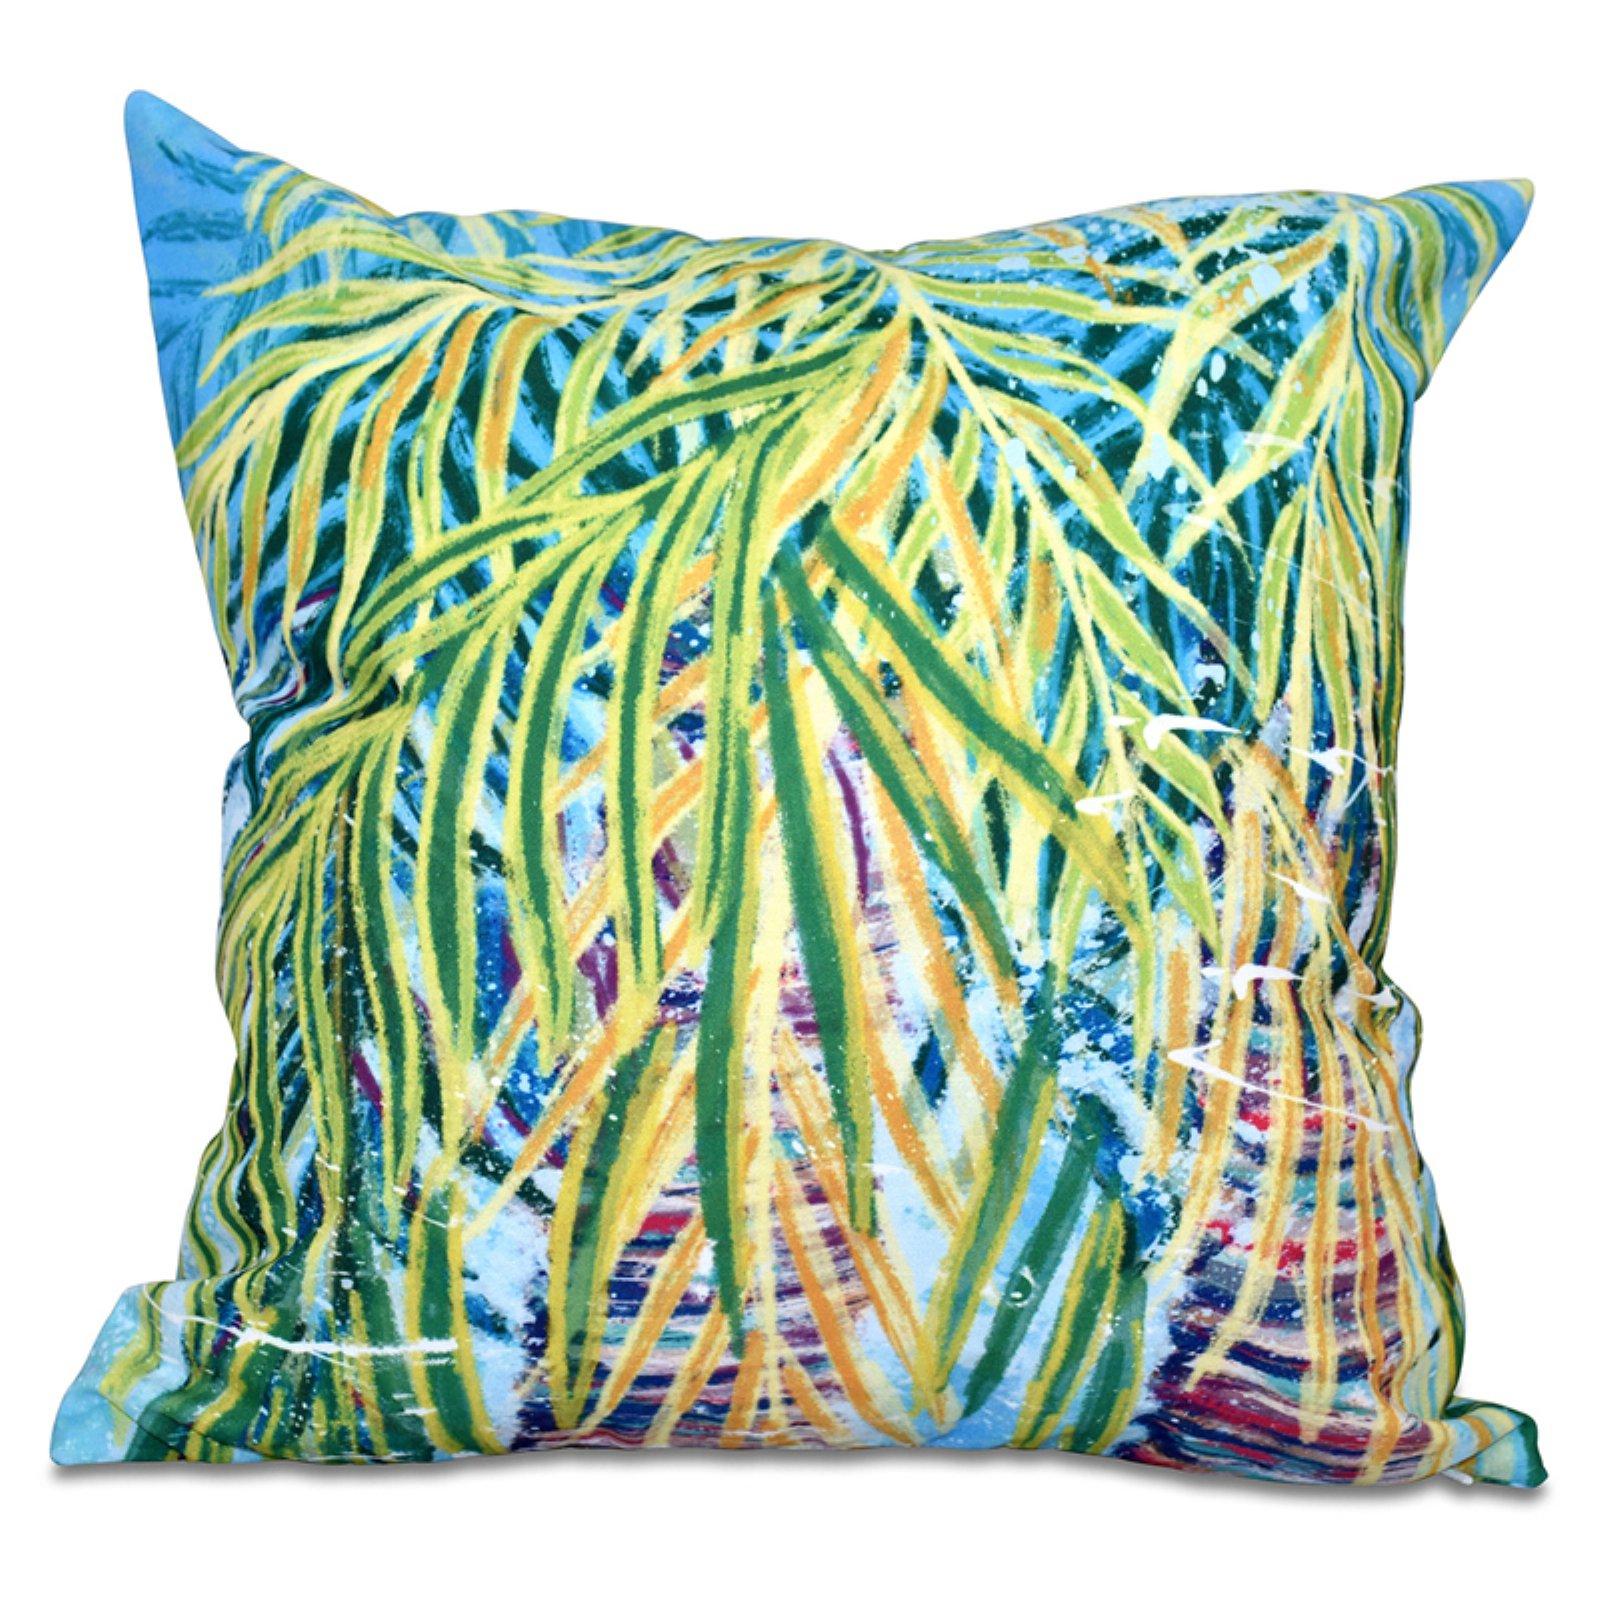 E by design Decorative Pillow Aqua